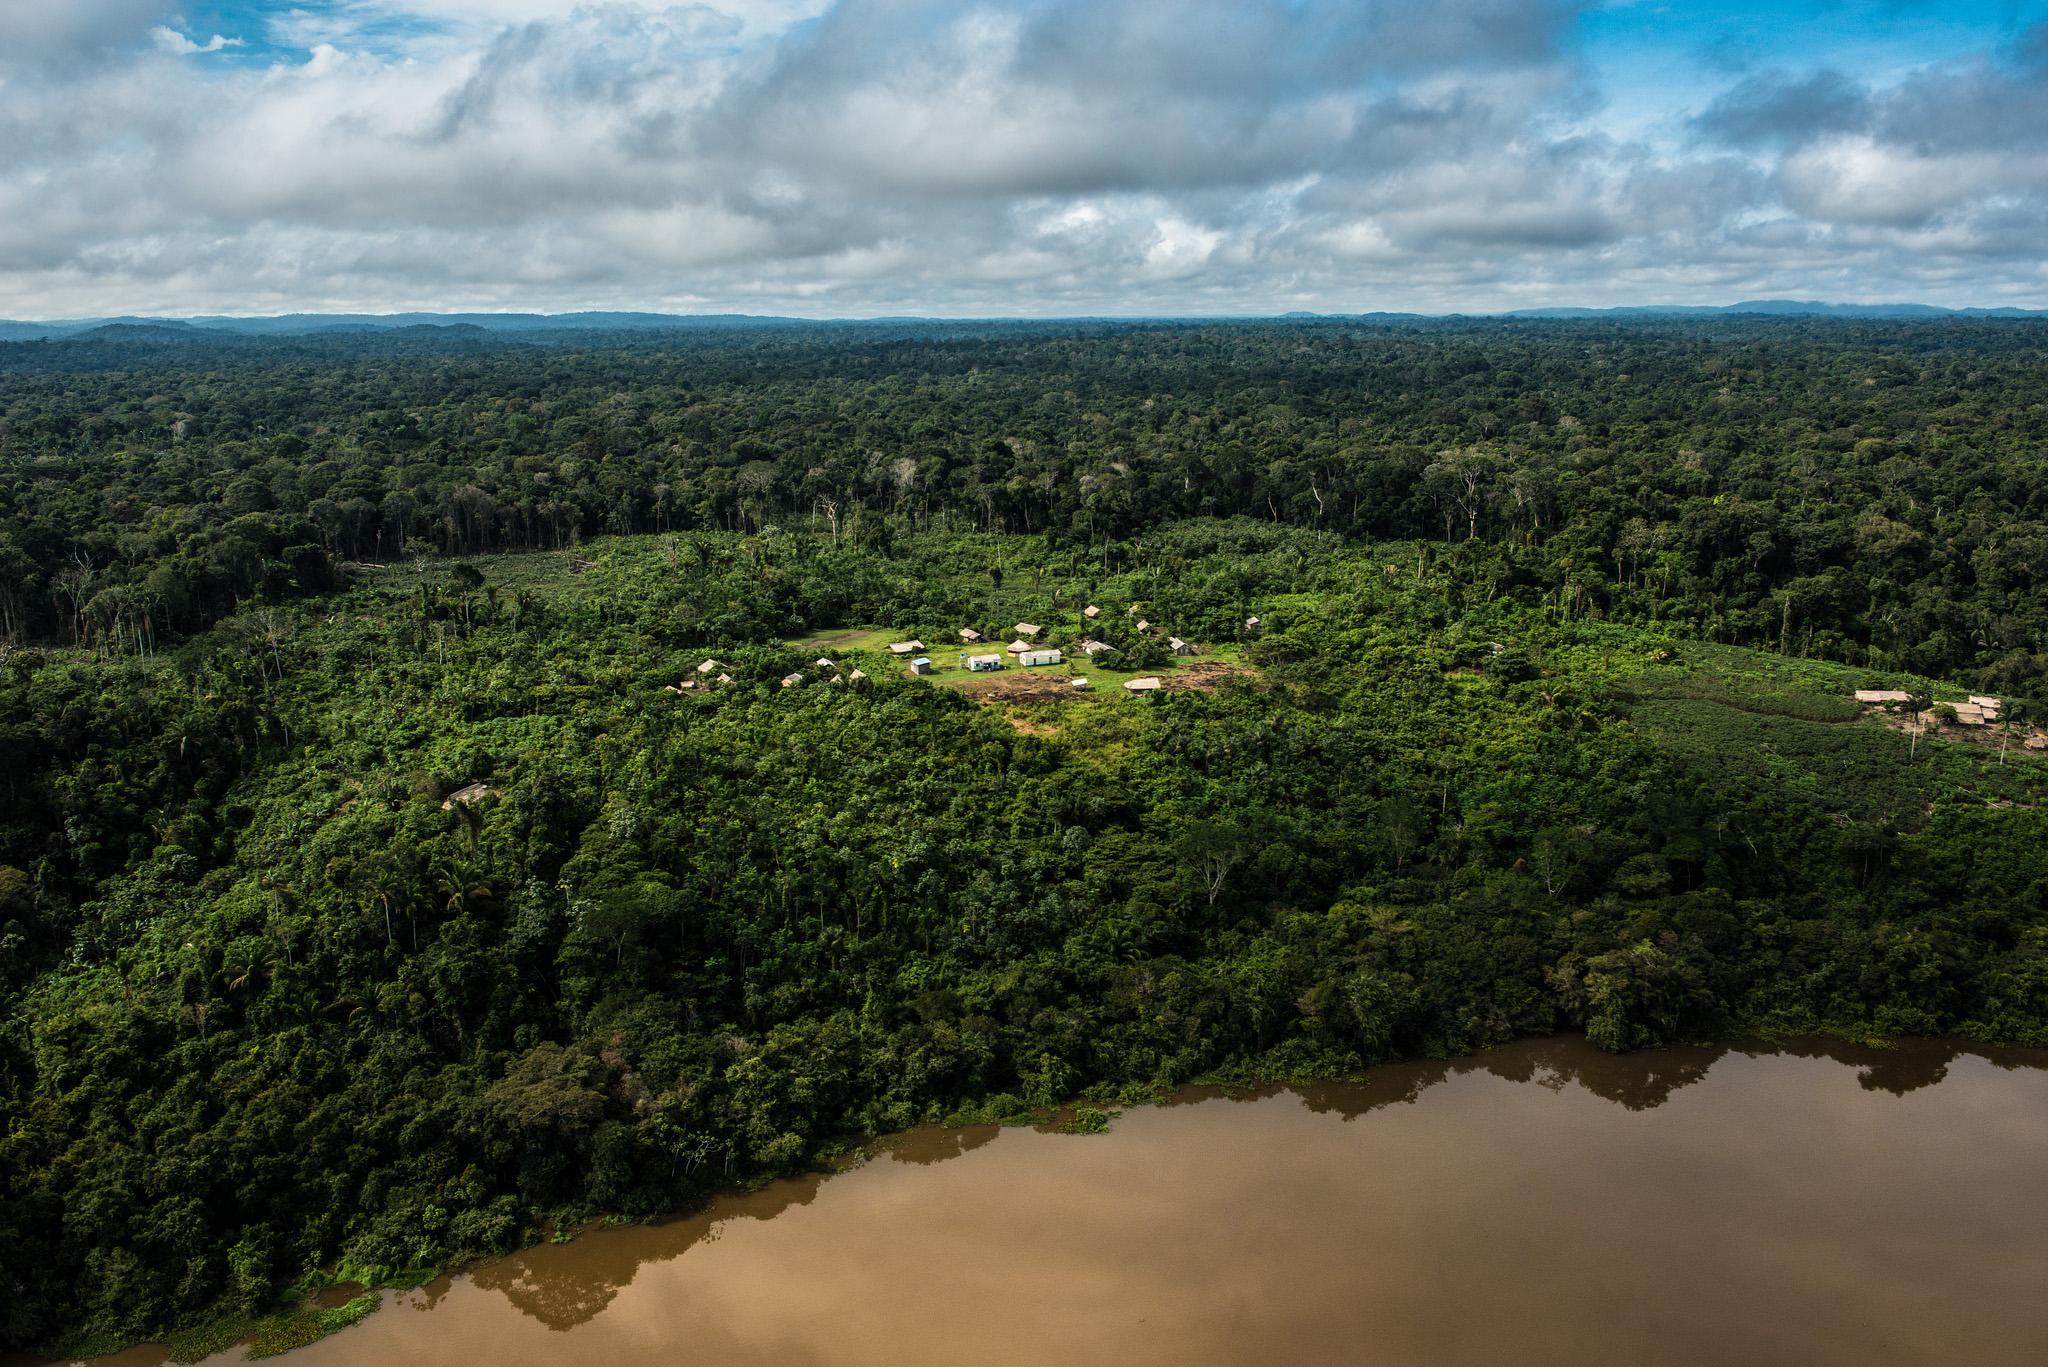 A floresta e o rio Tapajós. (Foto: Fabio Nascimento/Greenpeace)